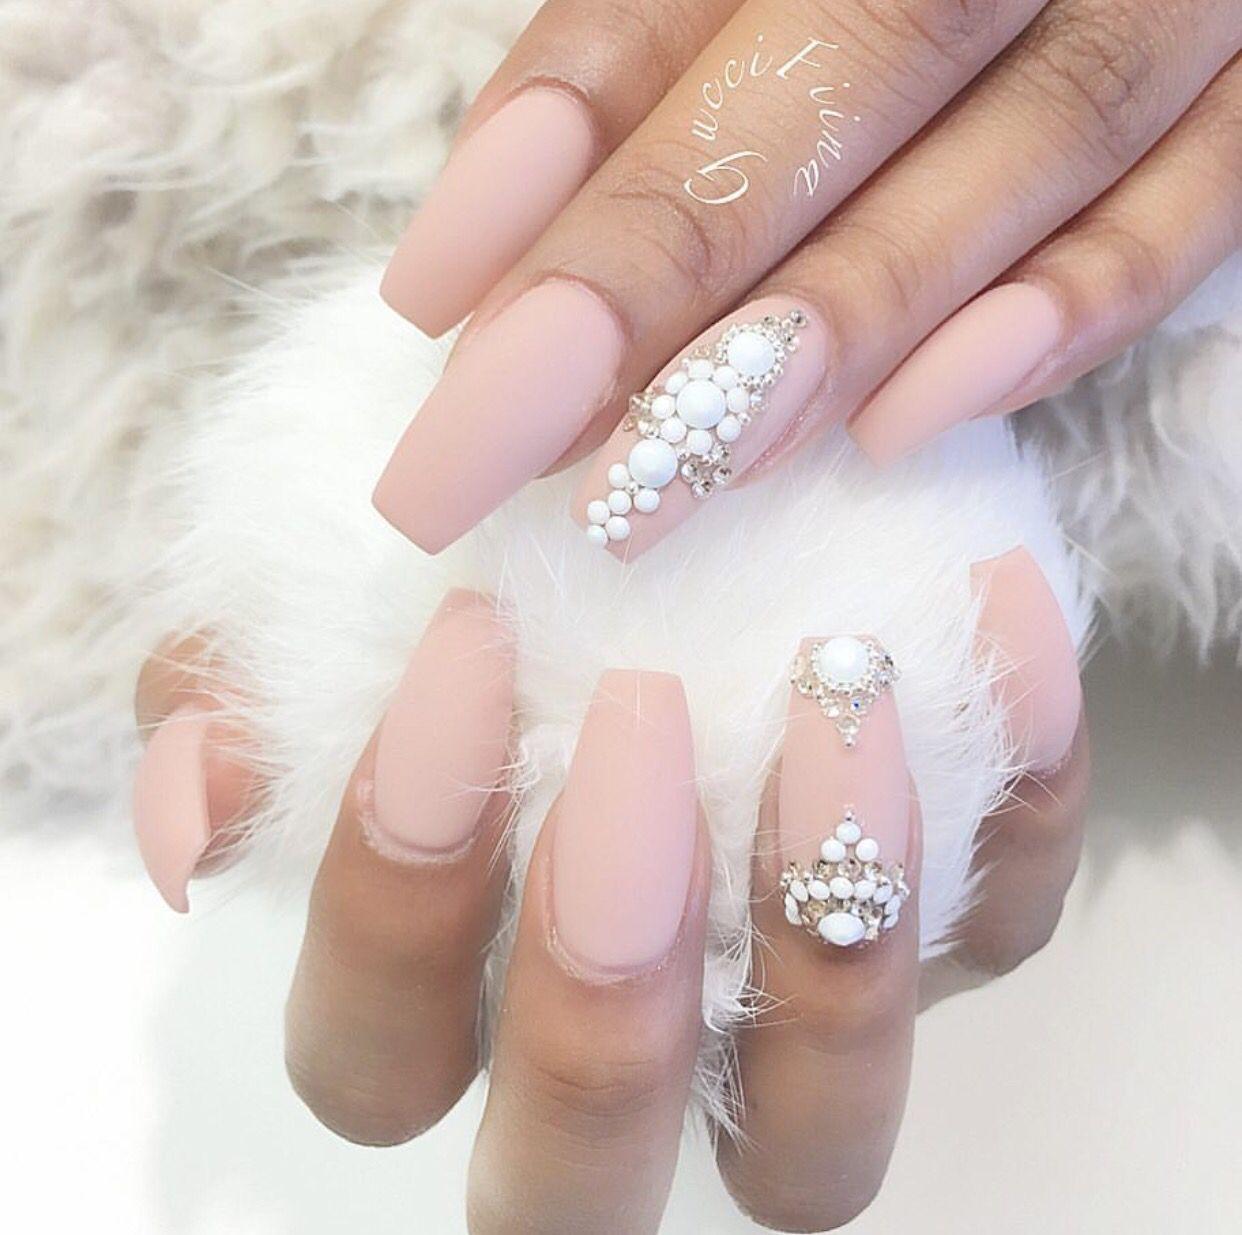 ✧☼☾Pinterest: DY0NNE #nails | Nails | Pinterest | Nail nail ...